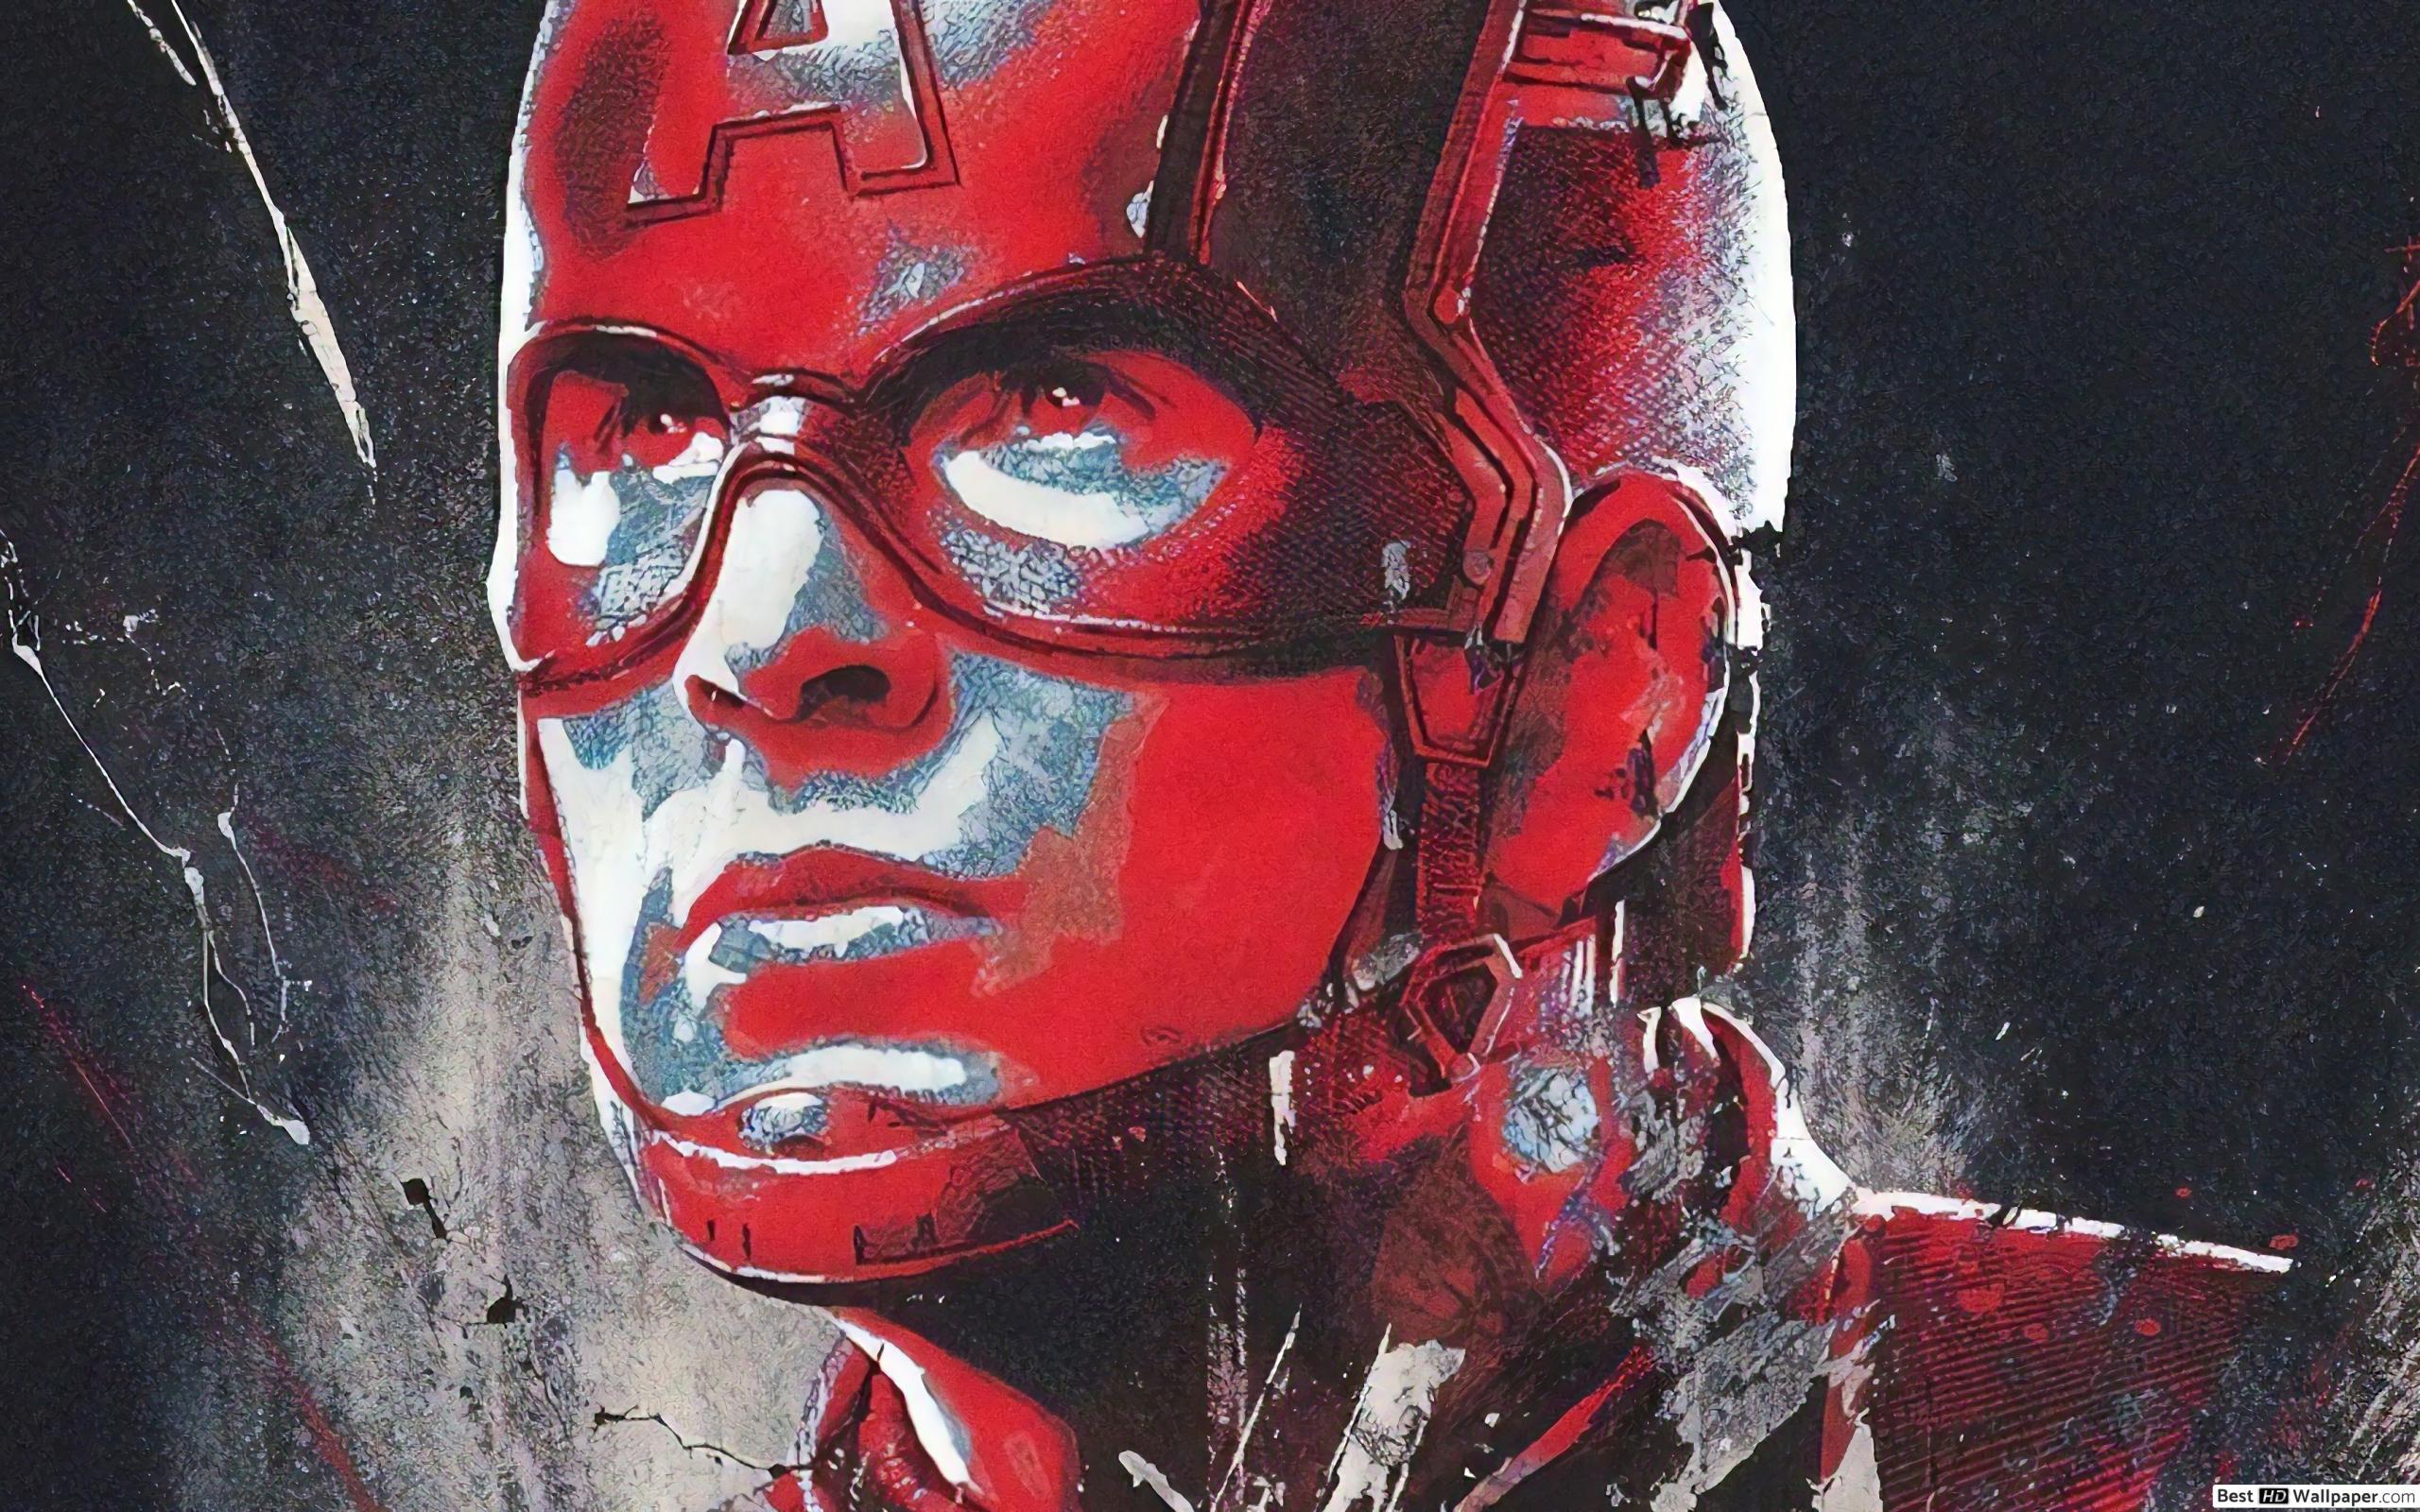 Captain America Wallpaper 4k Avengers Endgame - HD Wallpaper